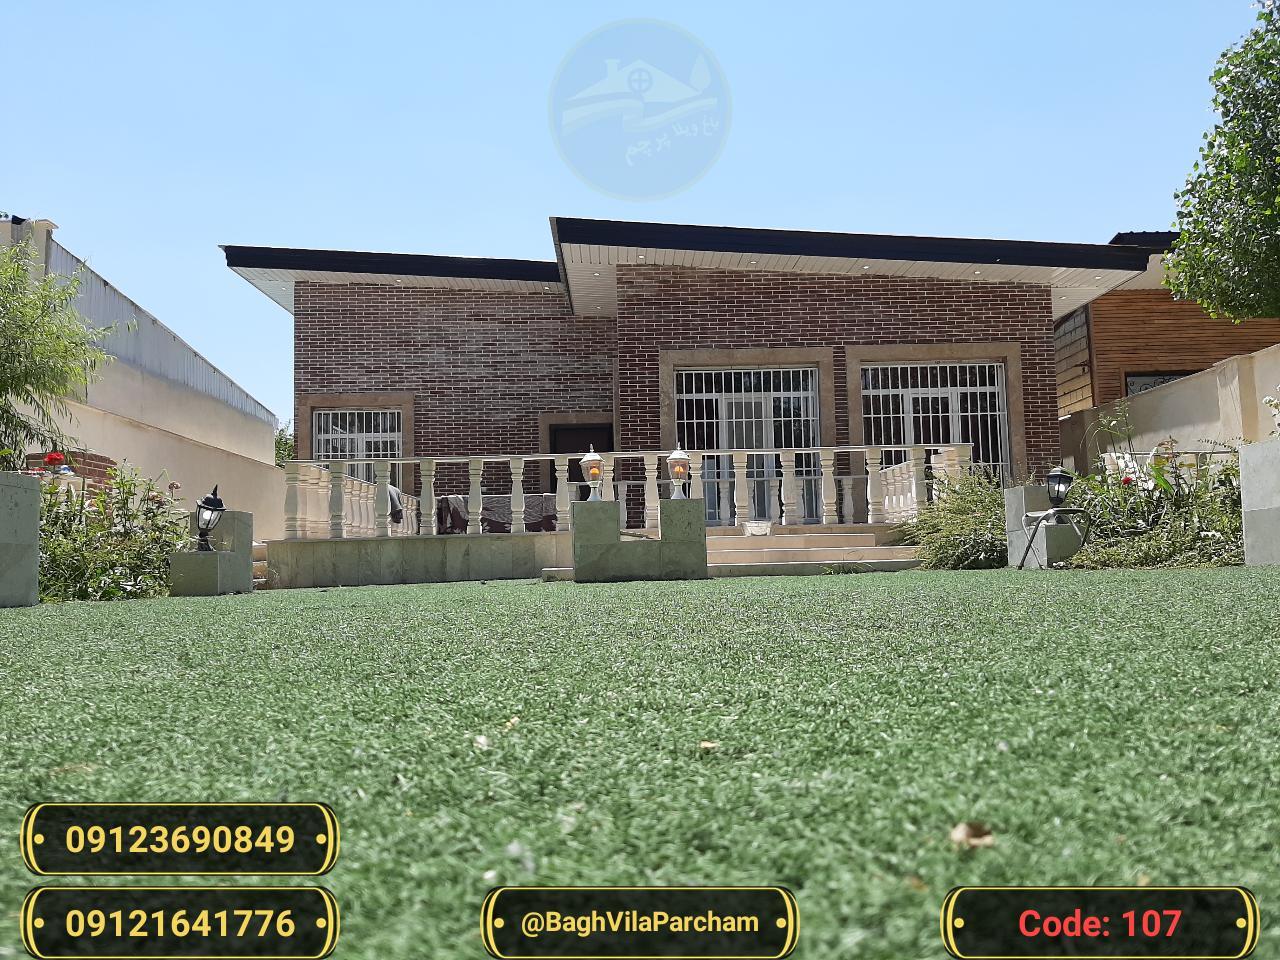 تصویر عکس باغ ویلا شماره 5 از ویلای ۵۰۰ متر ویلا Picture photo image 5 of ۵۰۰ متر ویلا